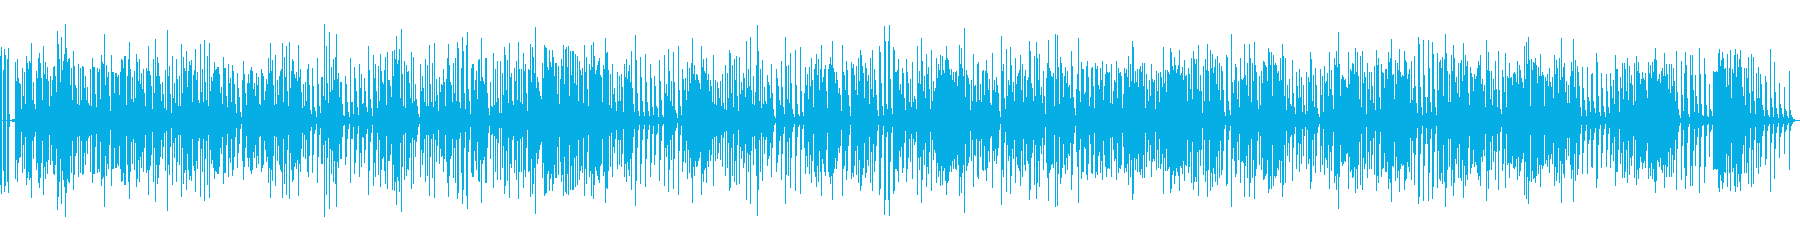 クリアなオルゴール楽曲01(動作音あり)の再生済みの波形